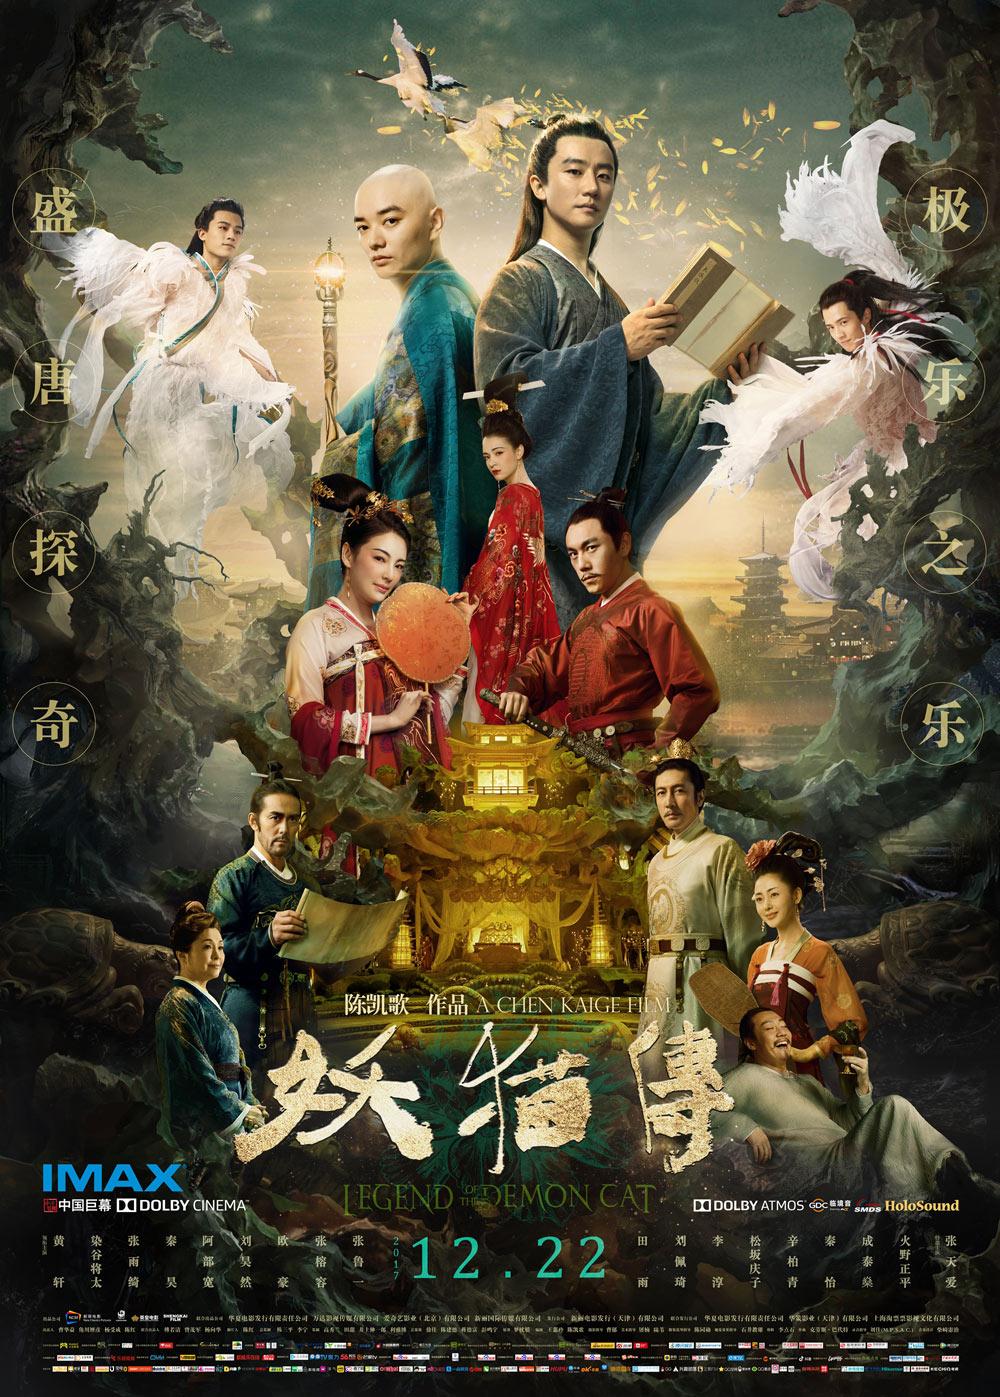 相对来说,由刘昊然,欧豪饰演的白鹤少年,出场方式则